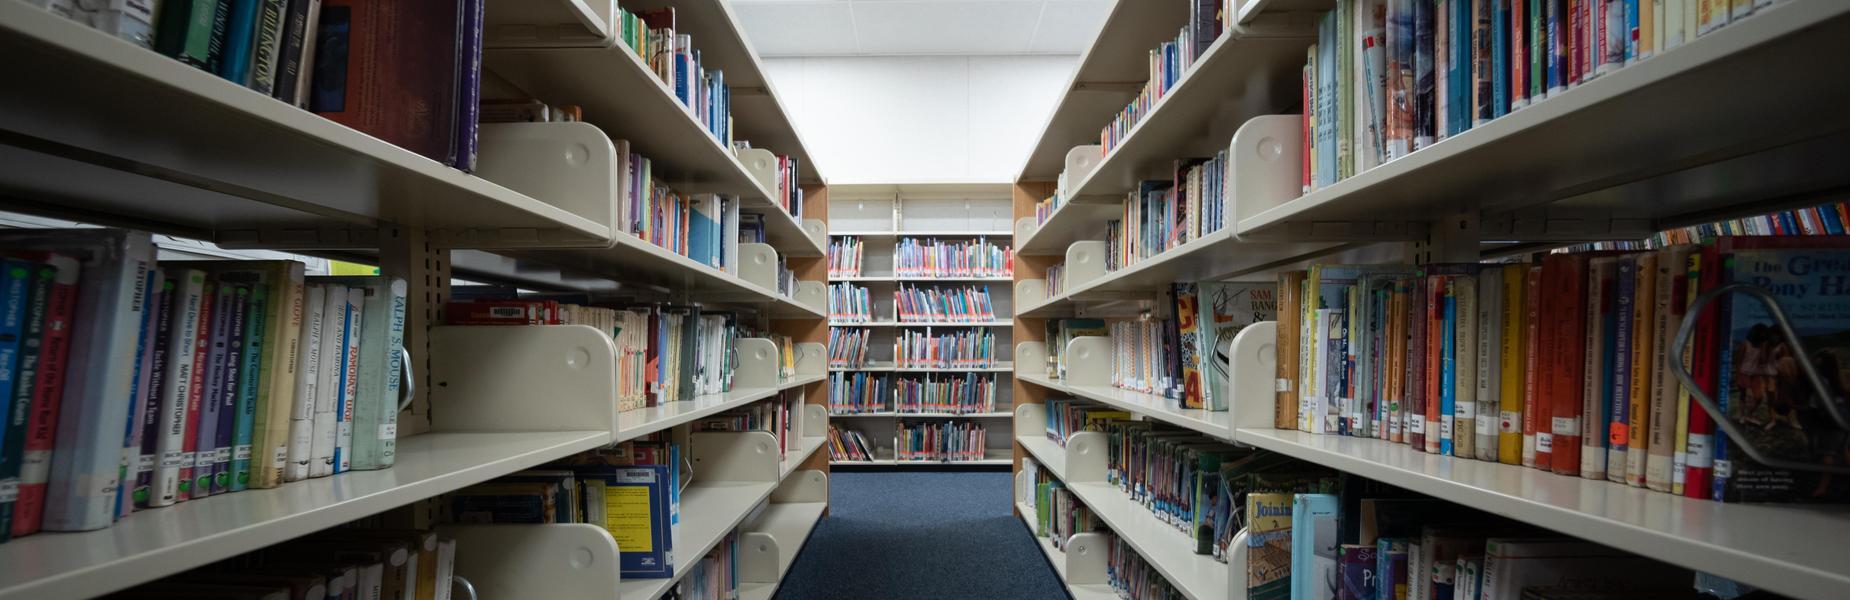 Ynez School Library